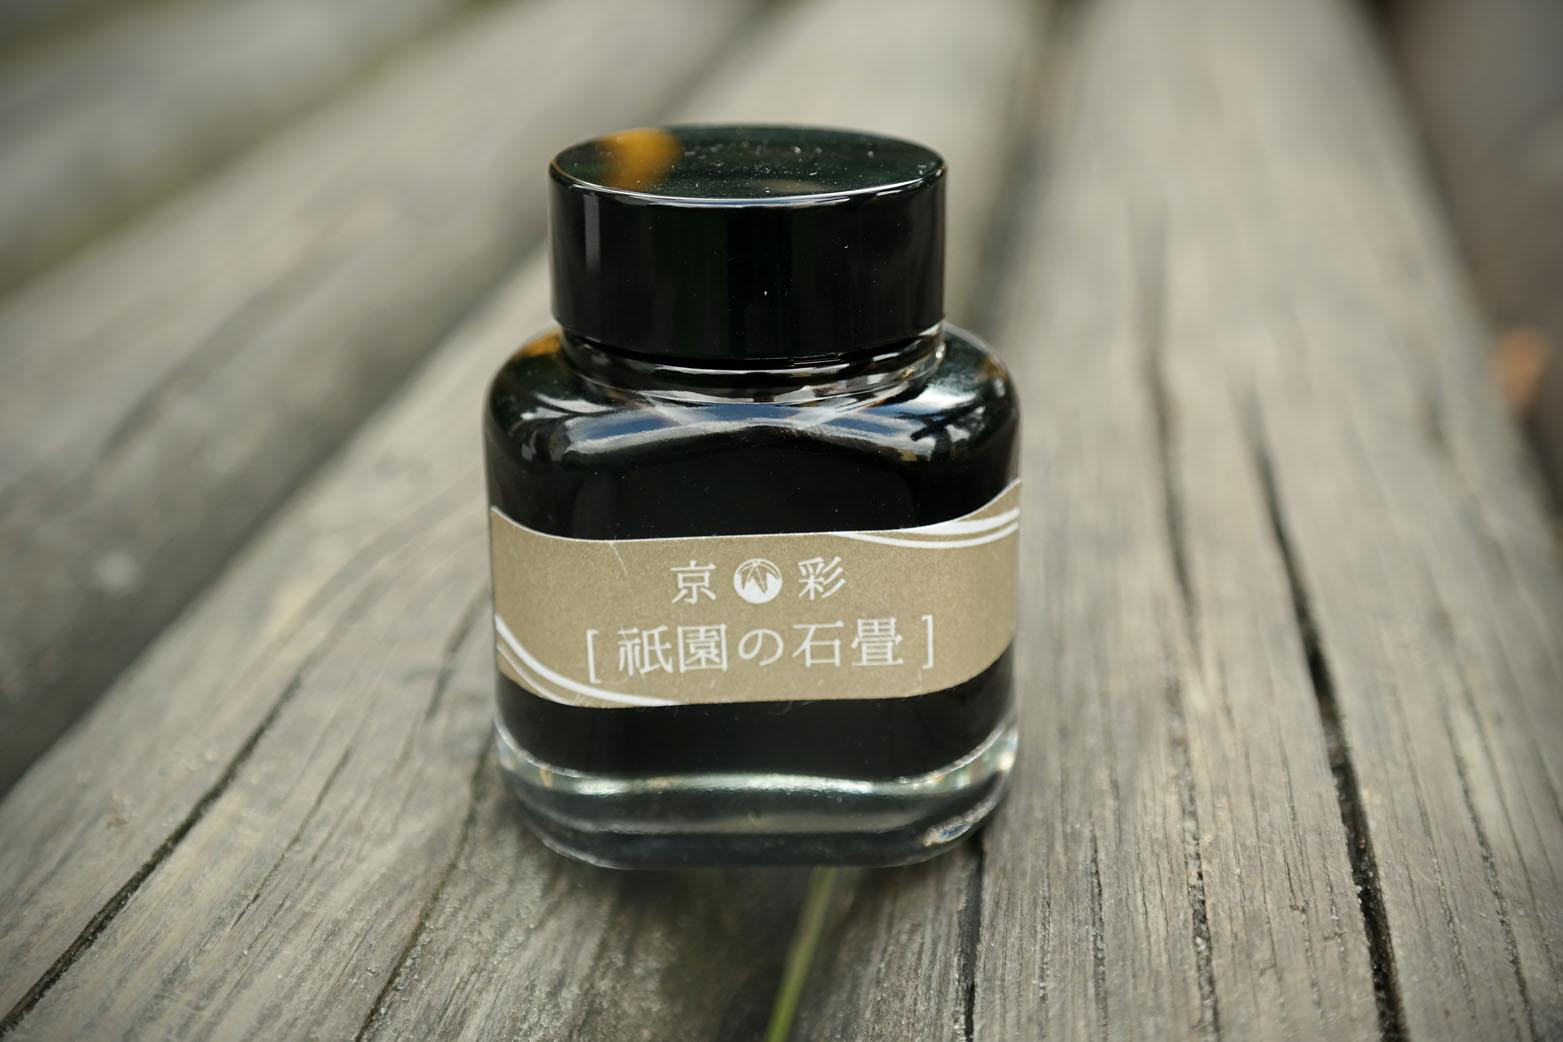 fpn_1463686610__kyoiro_bottle2.jpg